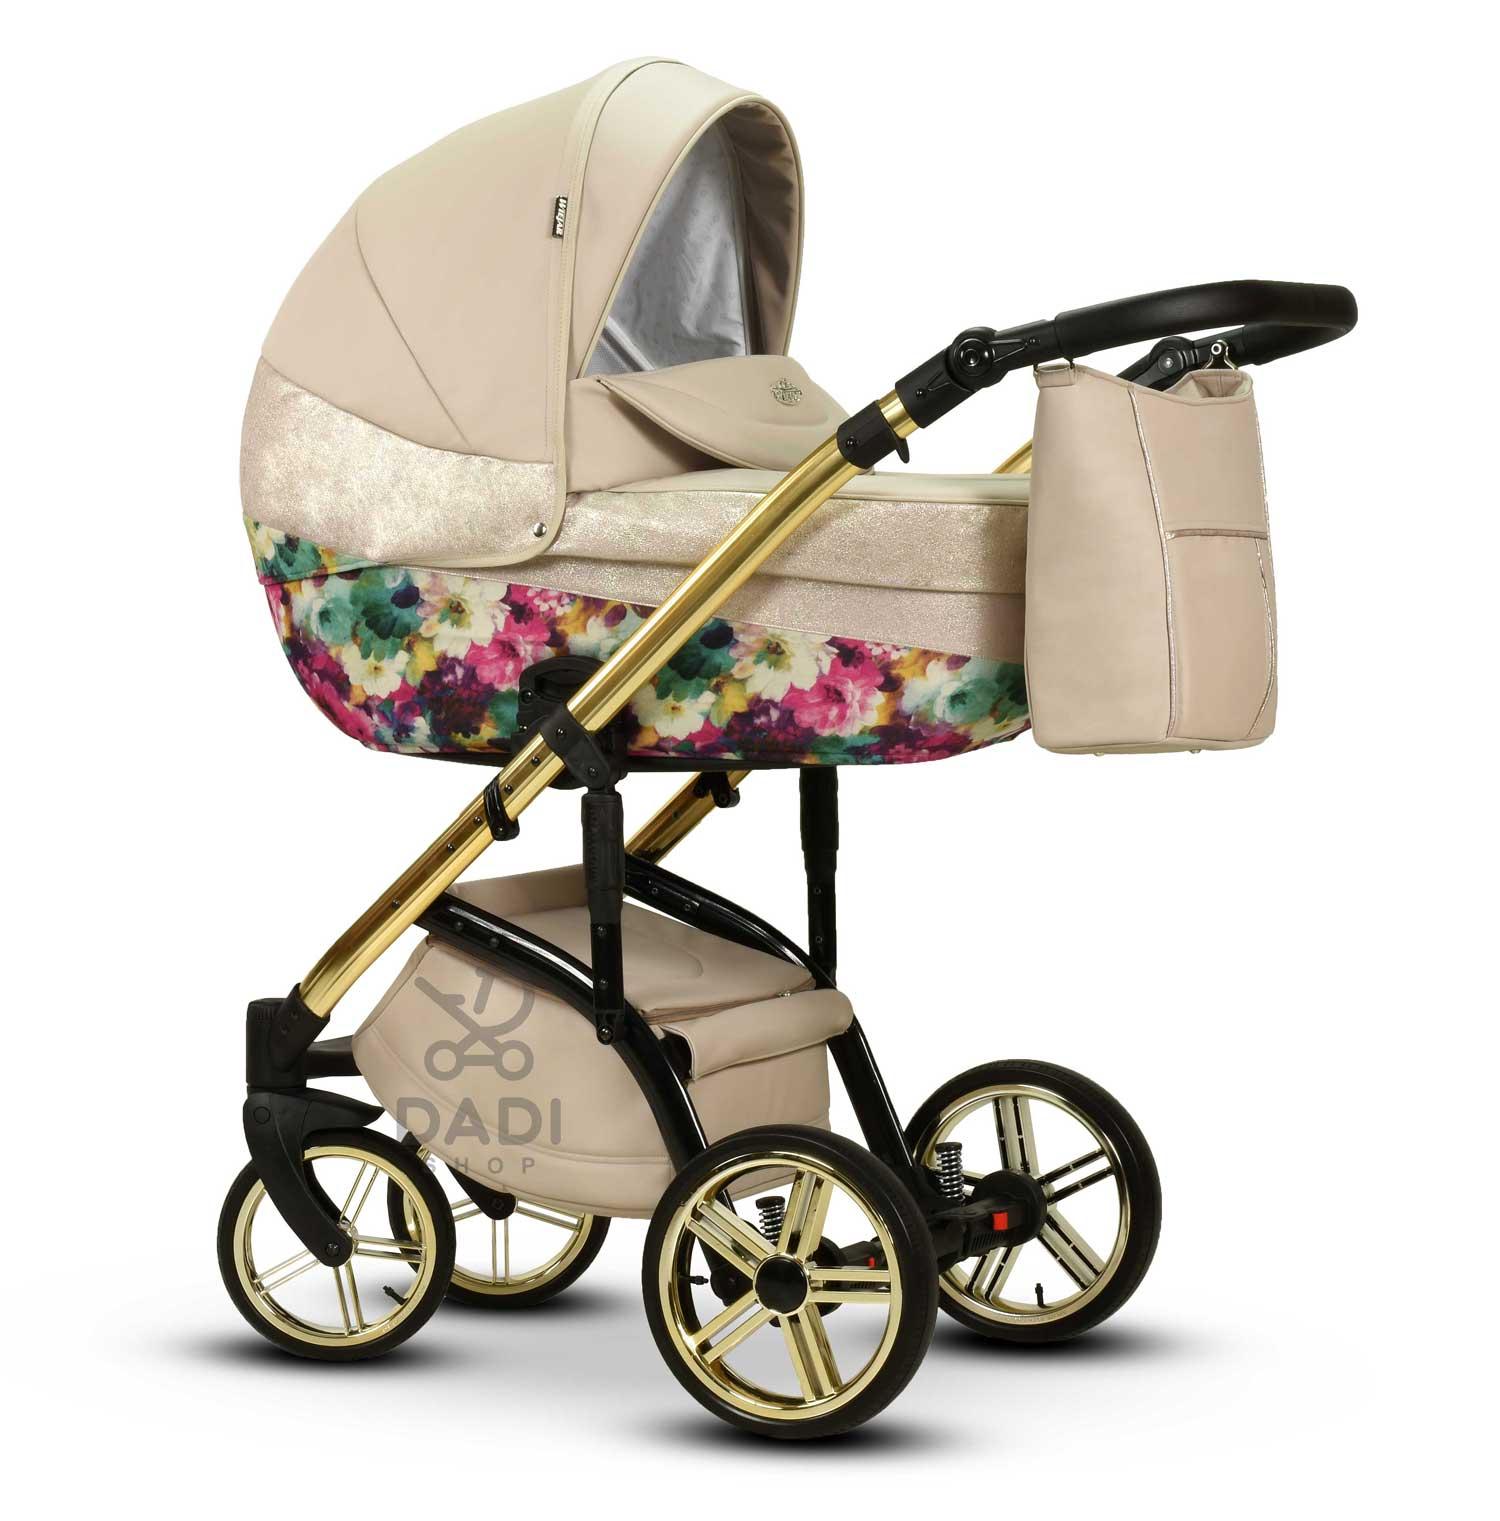 Moloka Duo nowoczesny wózek dziecięcy w kwiaty Wiejar głeboko spacerowy